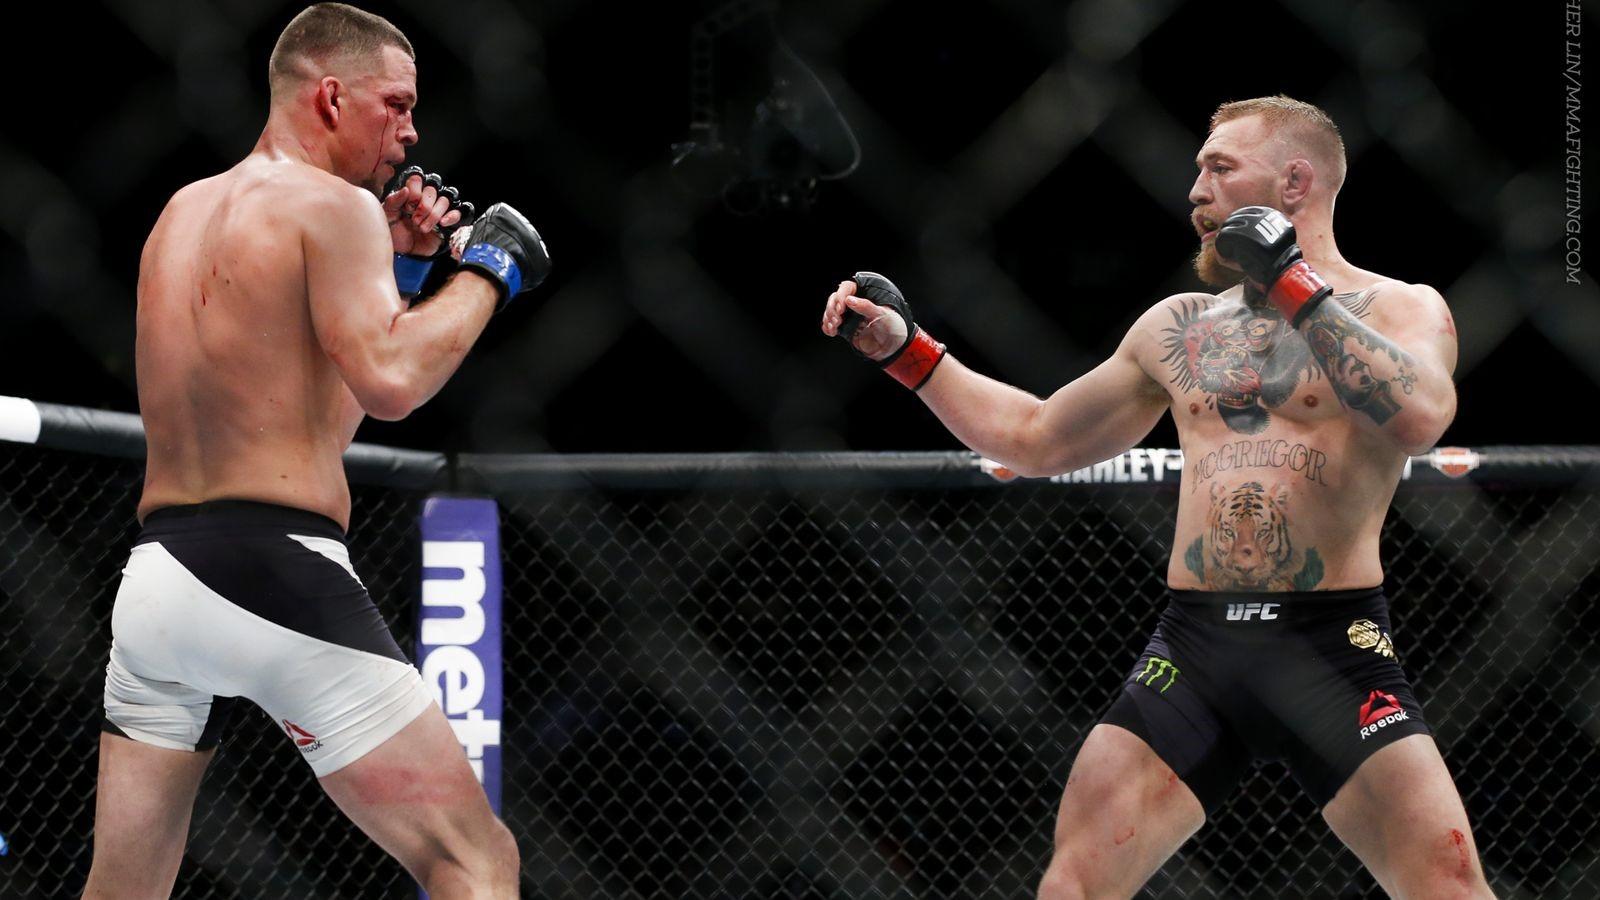 MMA - Võ tổng hợp, nhưng lại có đặc trưng riêng không thuộc môn võ nào! (Phần kết)